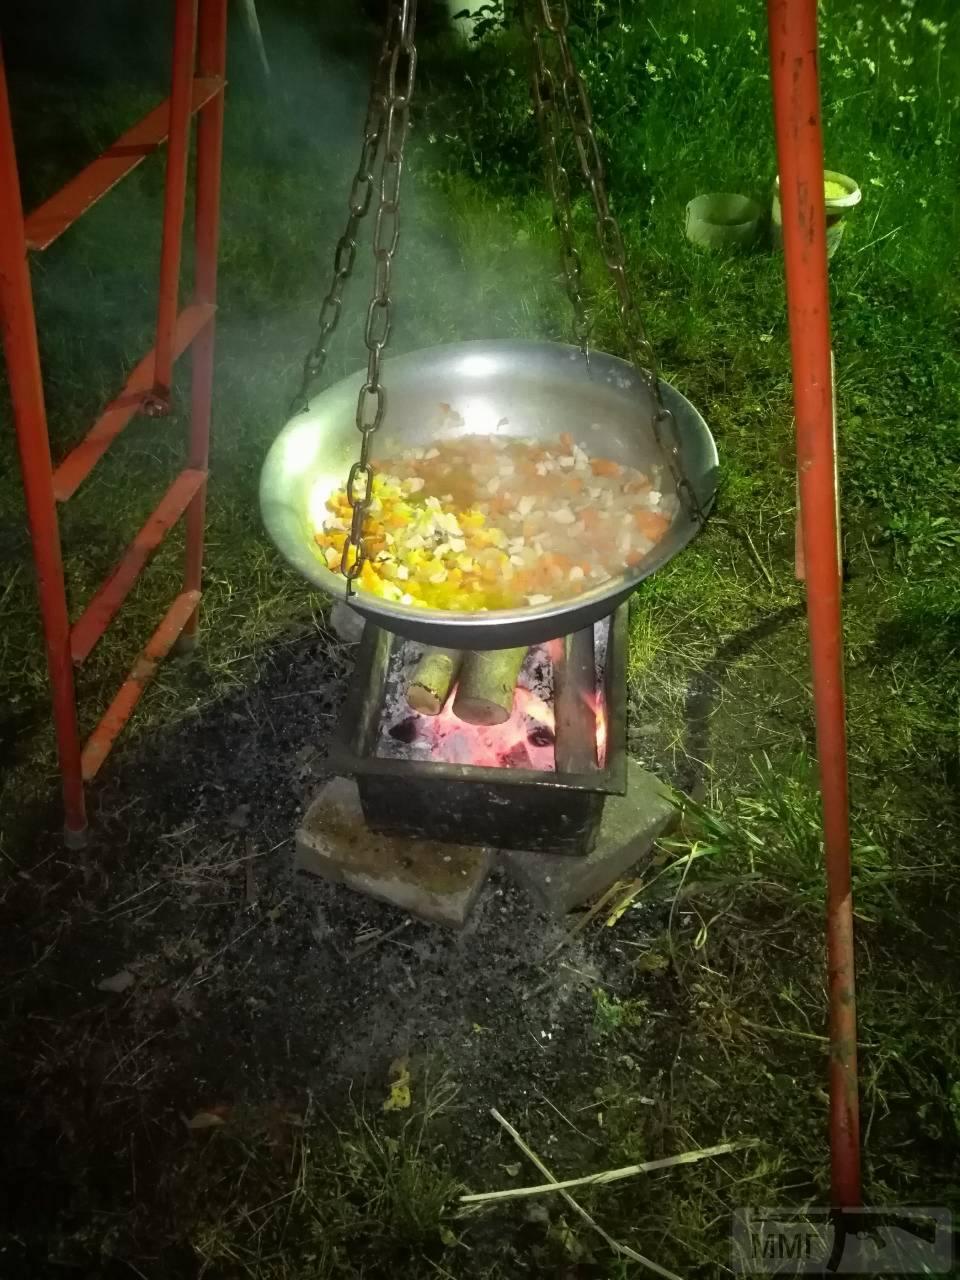 29423 - Закуски на огне (мангал, барбекю и т.д.) и кулинария вообще. Советы и рецепты.